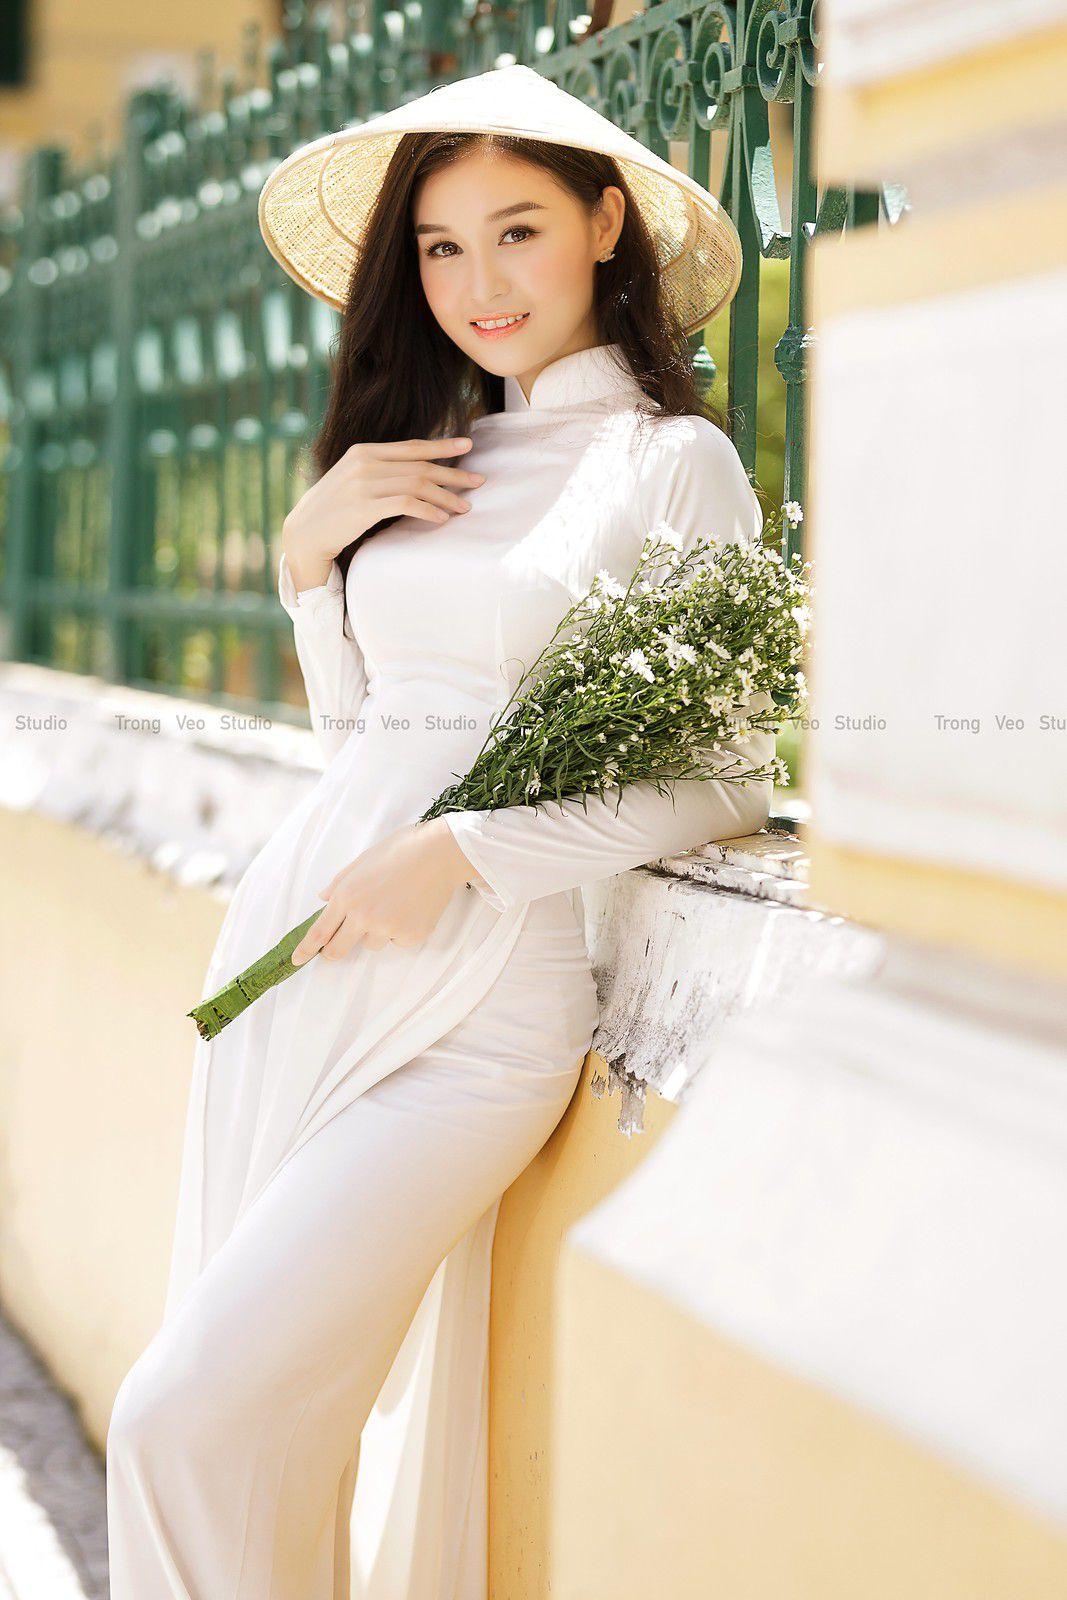 Ngắm bộ ảnh hoa khôi Phương Đoan đẹp hú hồn trong tà áo dài trắng thướt tha 7